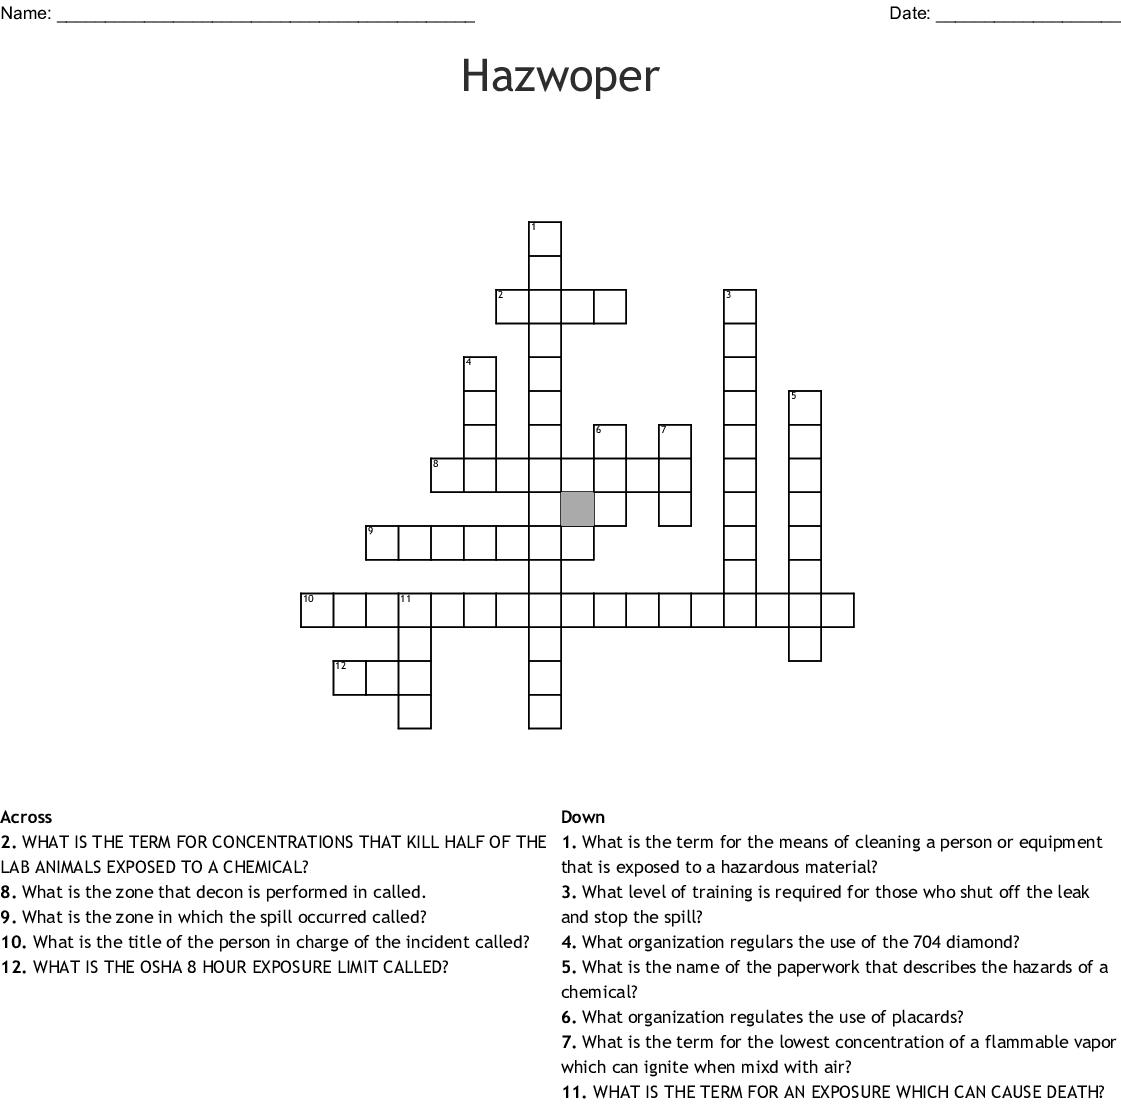 Hazwoper Crossword